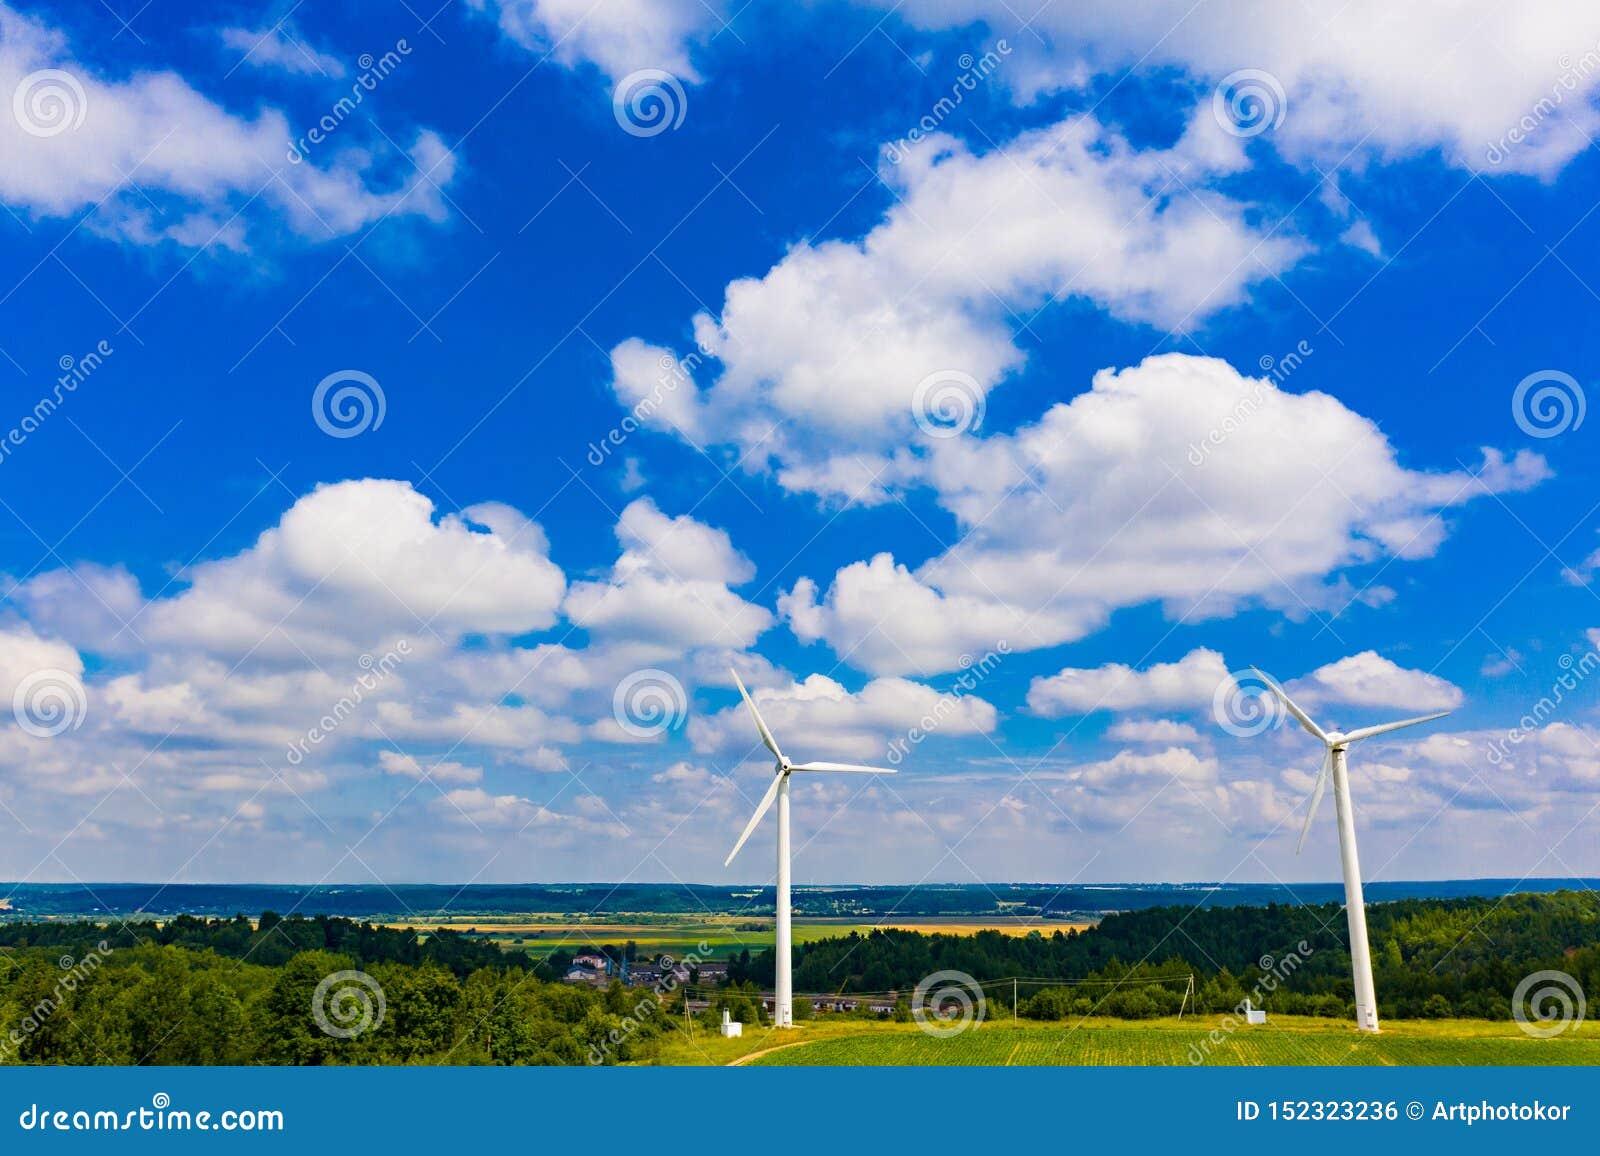 Piękny niebieskie niebo nad górkowaty teren w lecie ?ar?wki poj?cia energetycznego kwiatu zielonego ?wiat?a odnawialny drzewo Sil